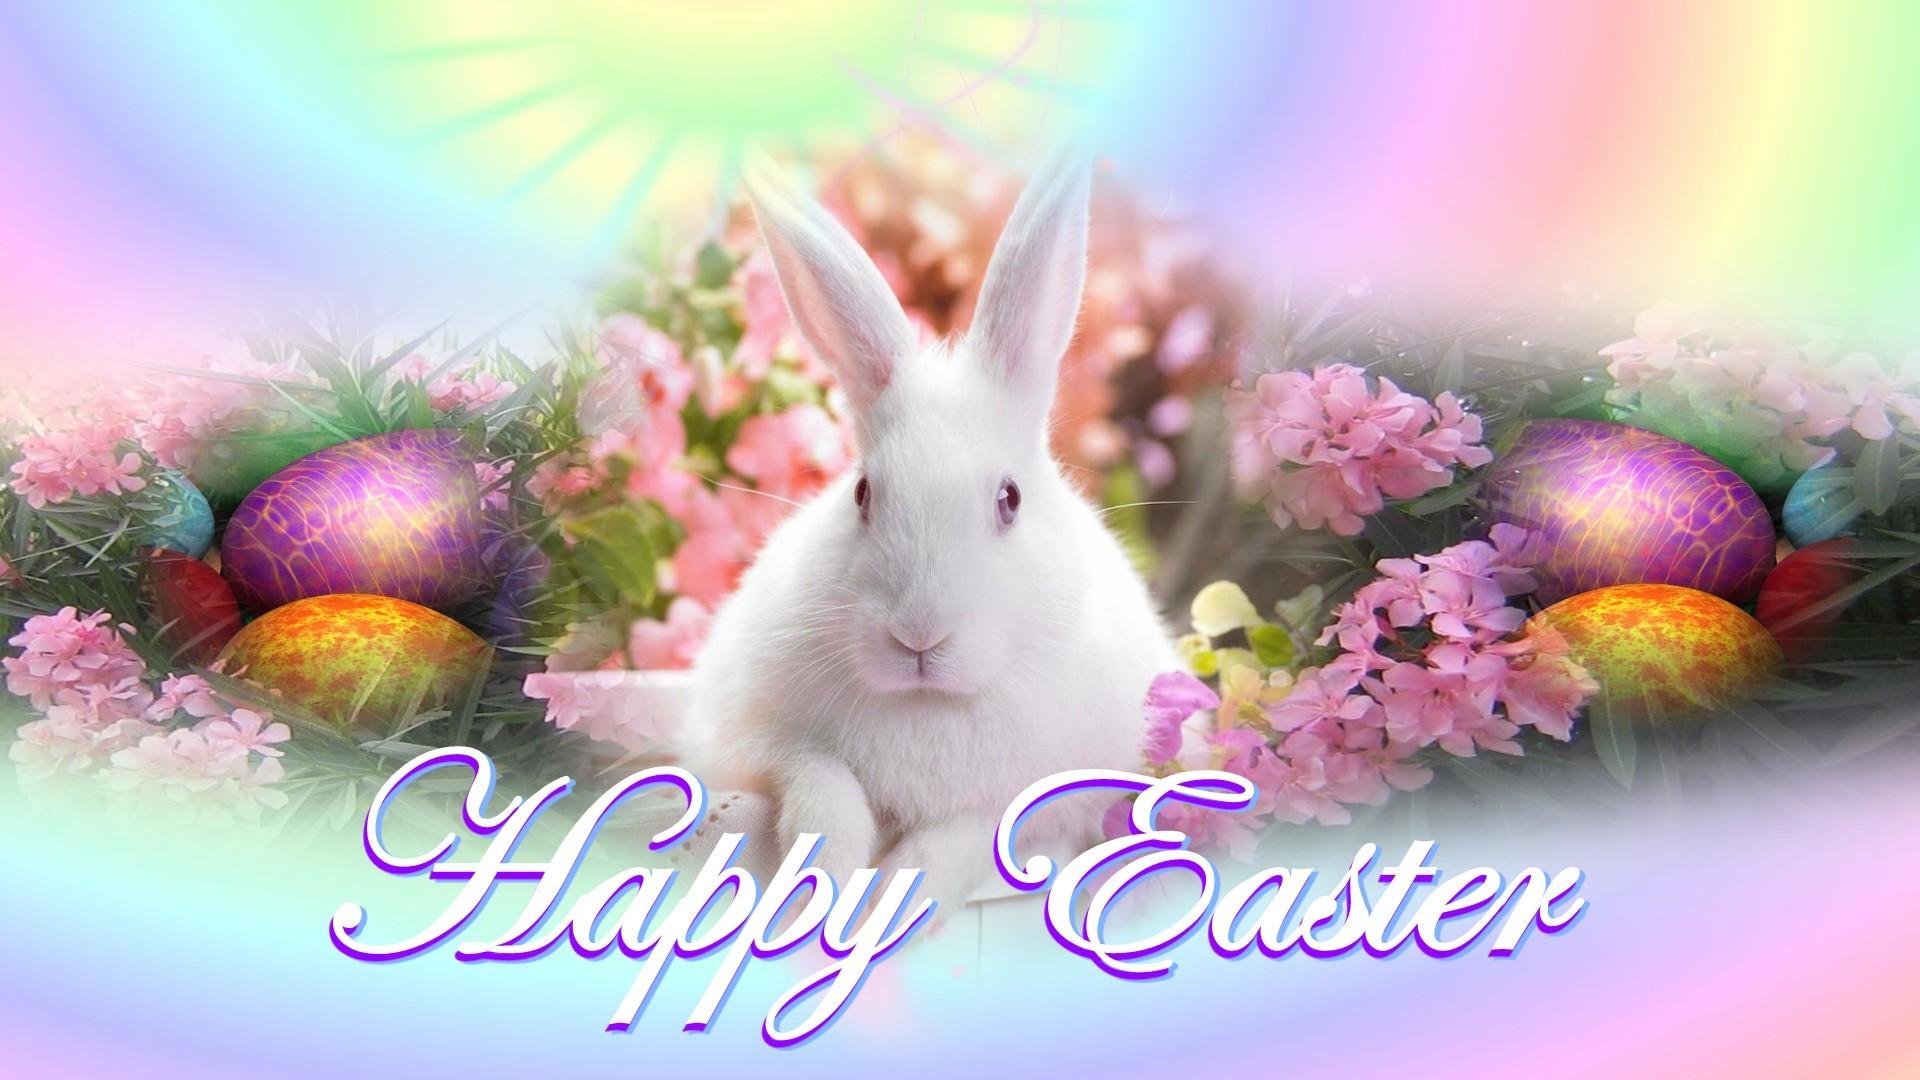 Happy Easter Bunny 2013 For Desktop 1920x1080